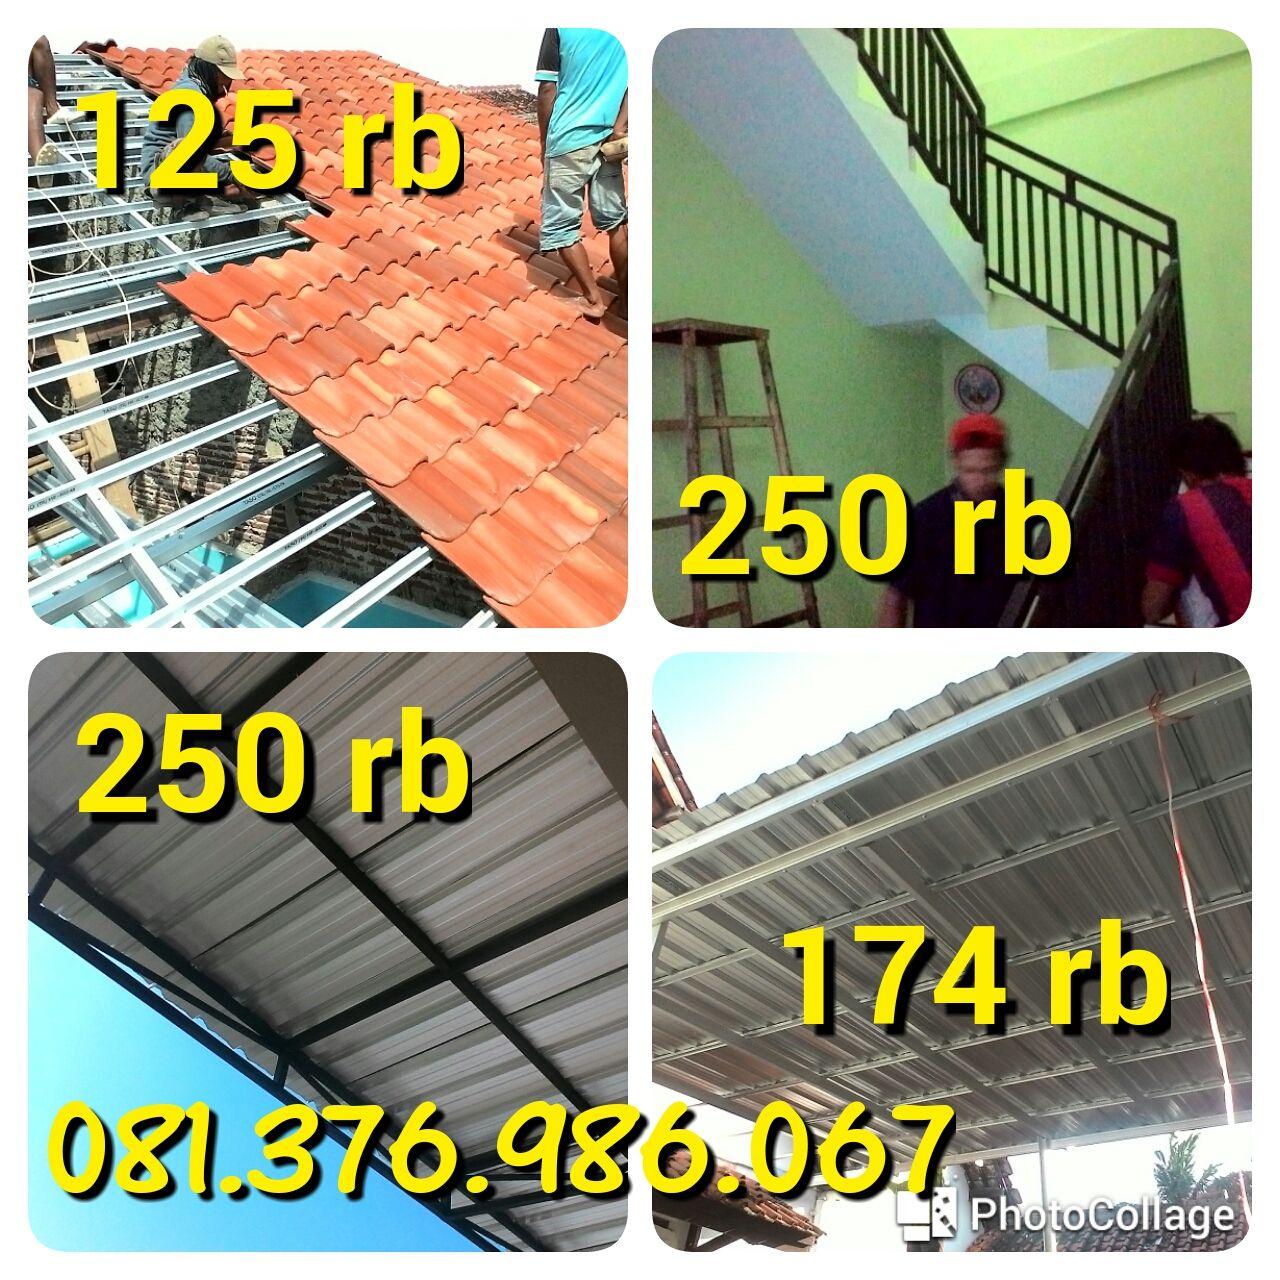 Jarak Reng Baja Ringan Atap Multiroof 081 376 986 067 125rb Kanopi 185rb